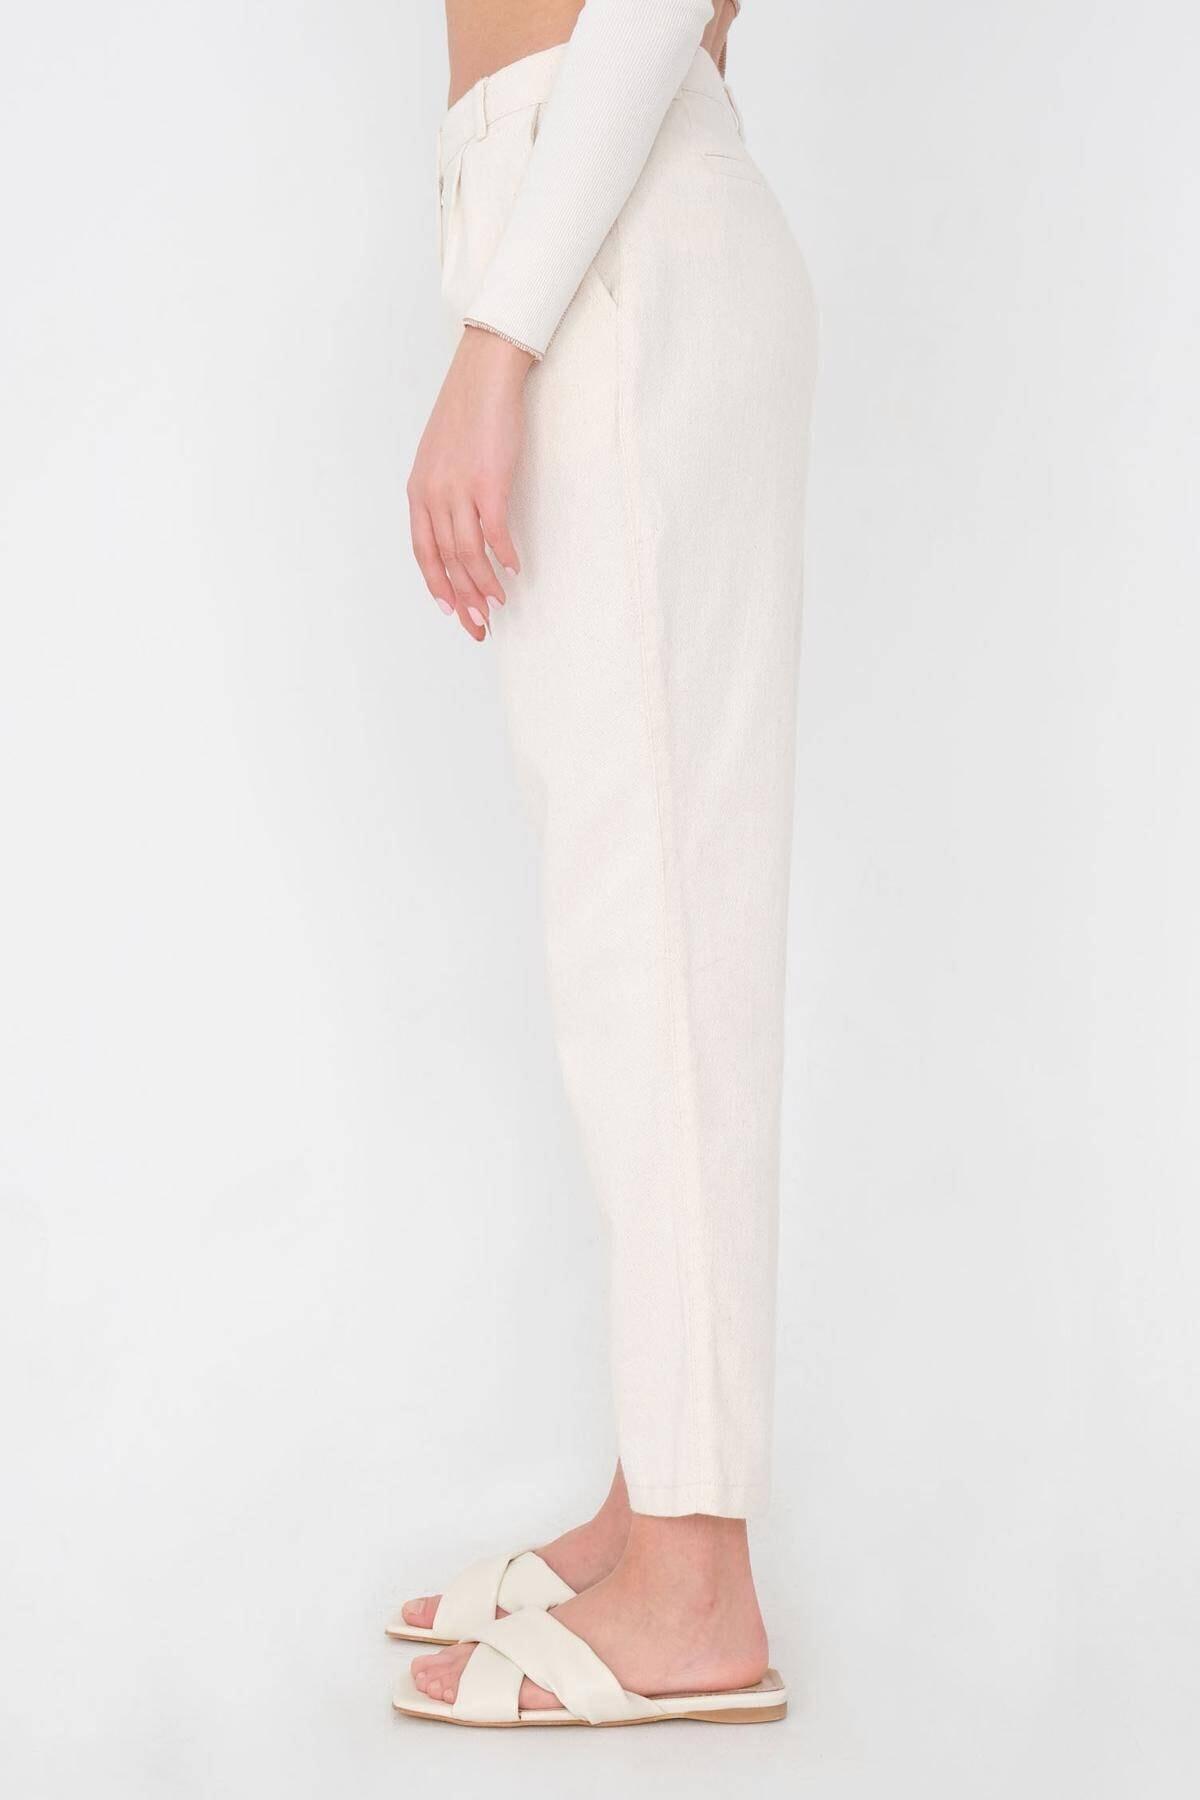 Addax Kadın Taş Cep Detaylı Pantolon Pn03-0045 - K12 Adx-0000024274 3